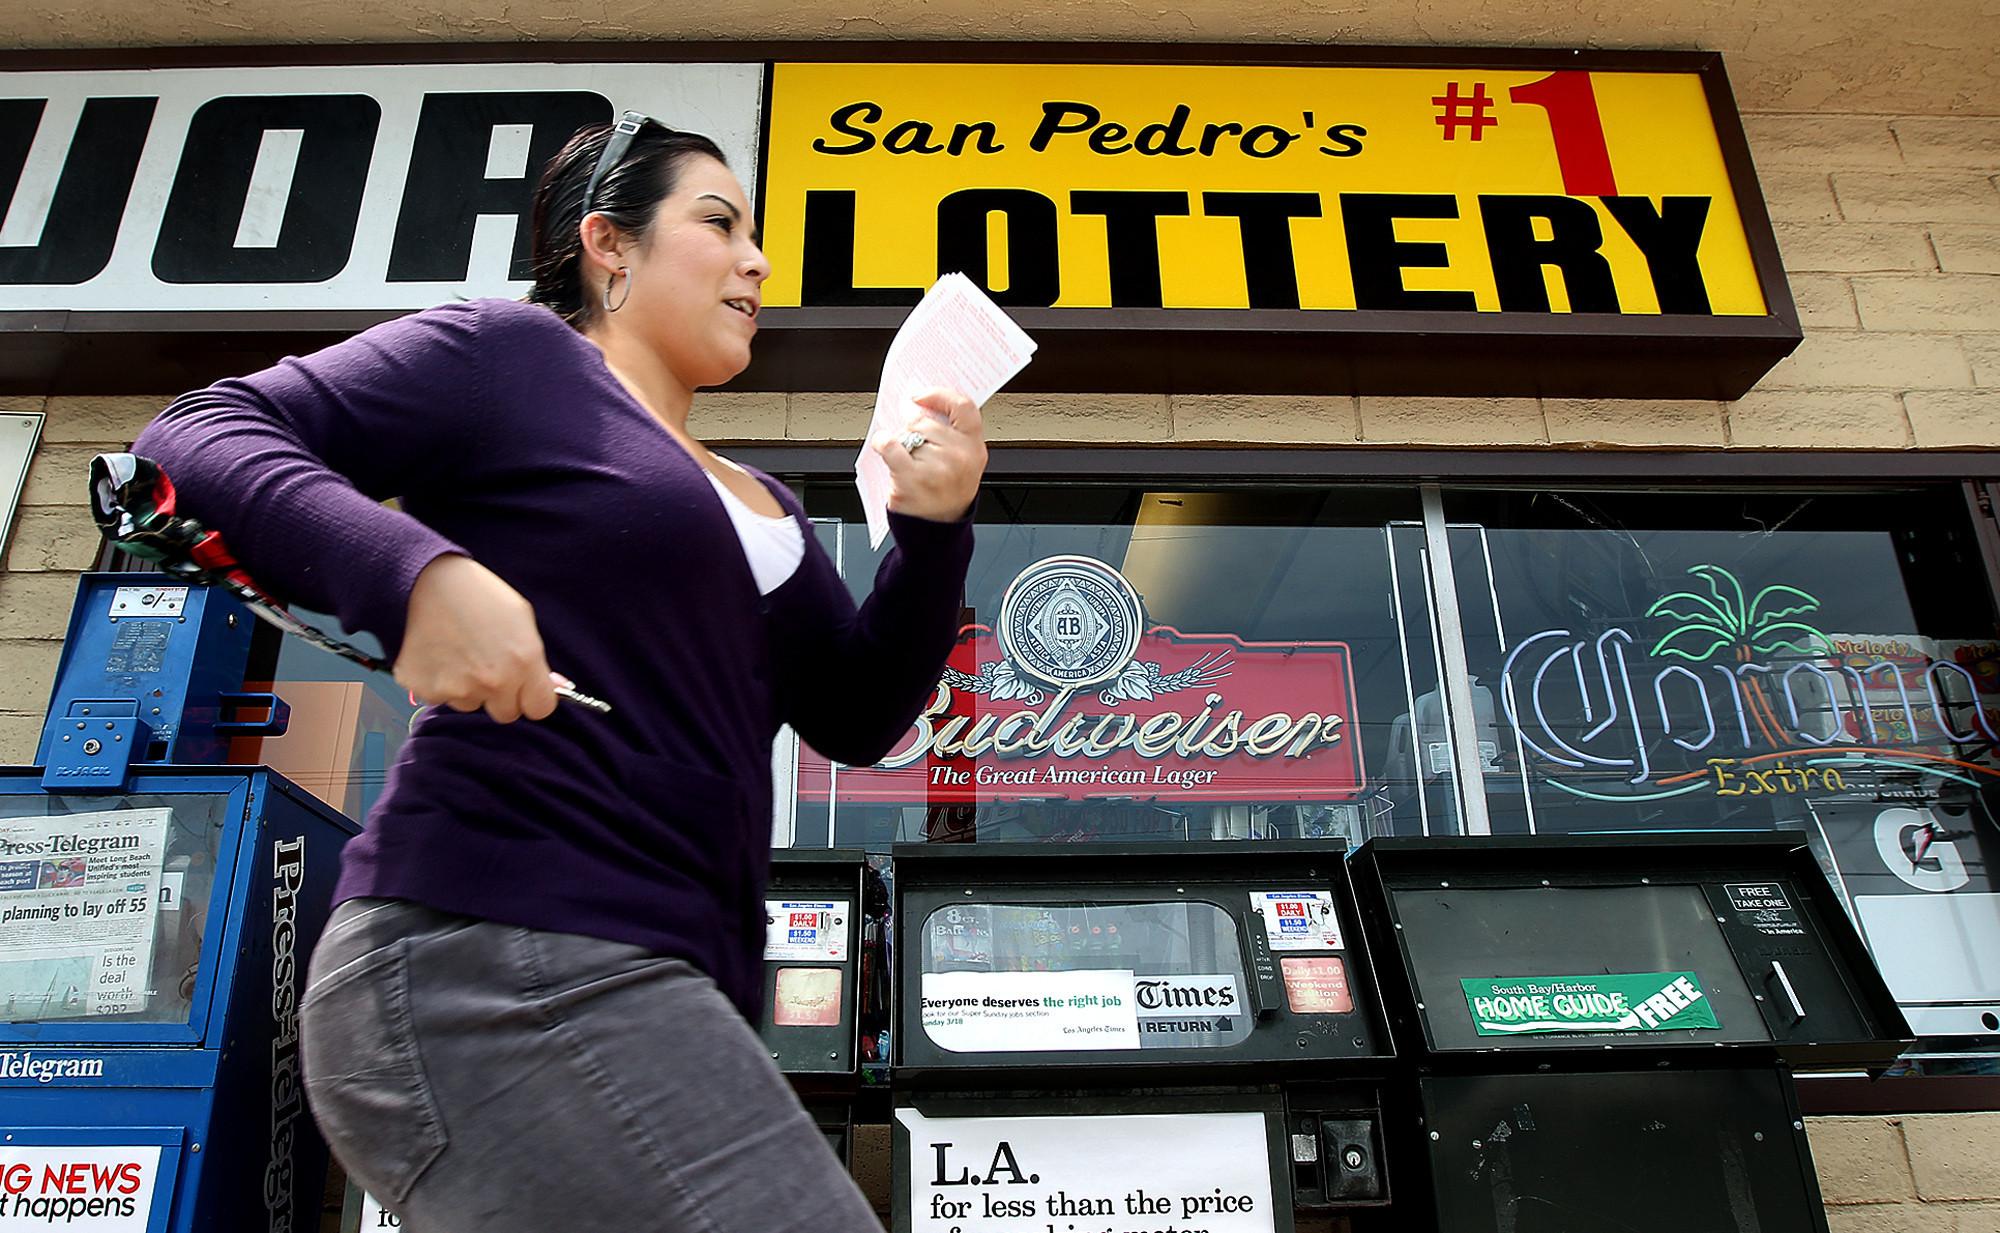 ca lottery mega millions powerball tuesday